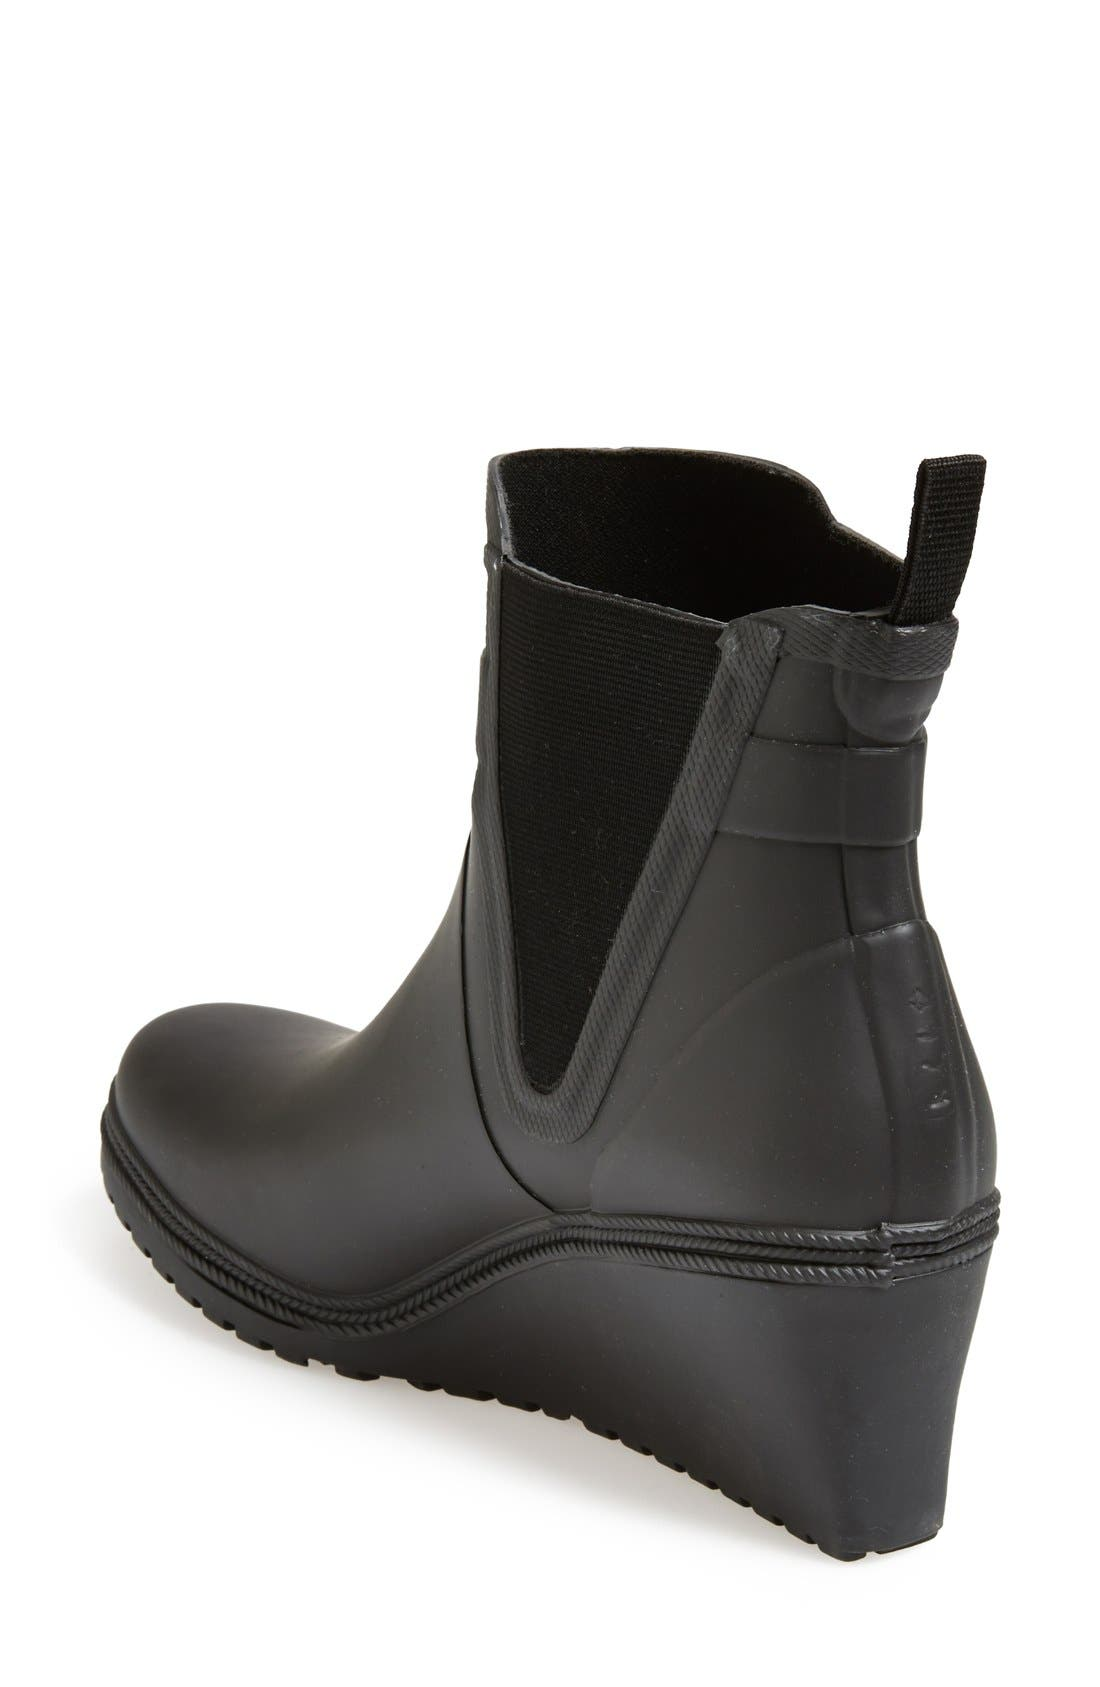 Alternate Image 2  - Tretorn 'Plask' Rain Boot (Women)